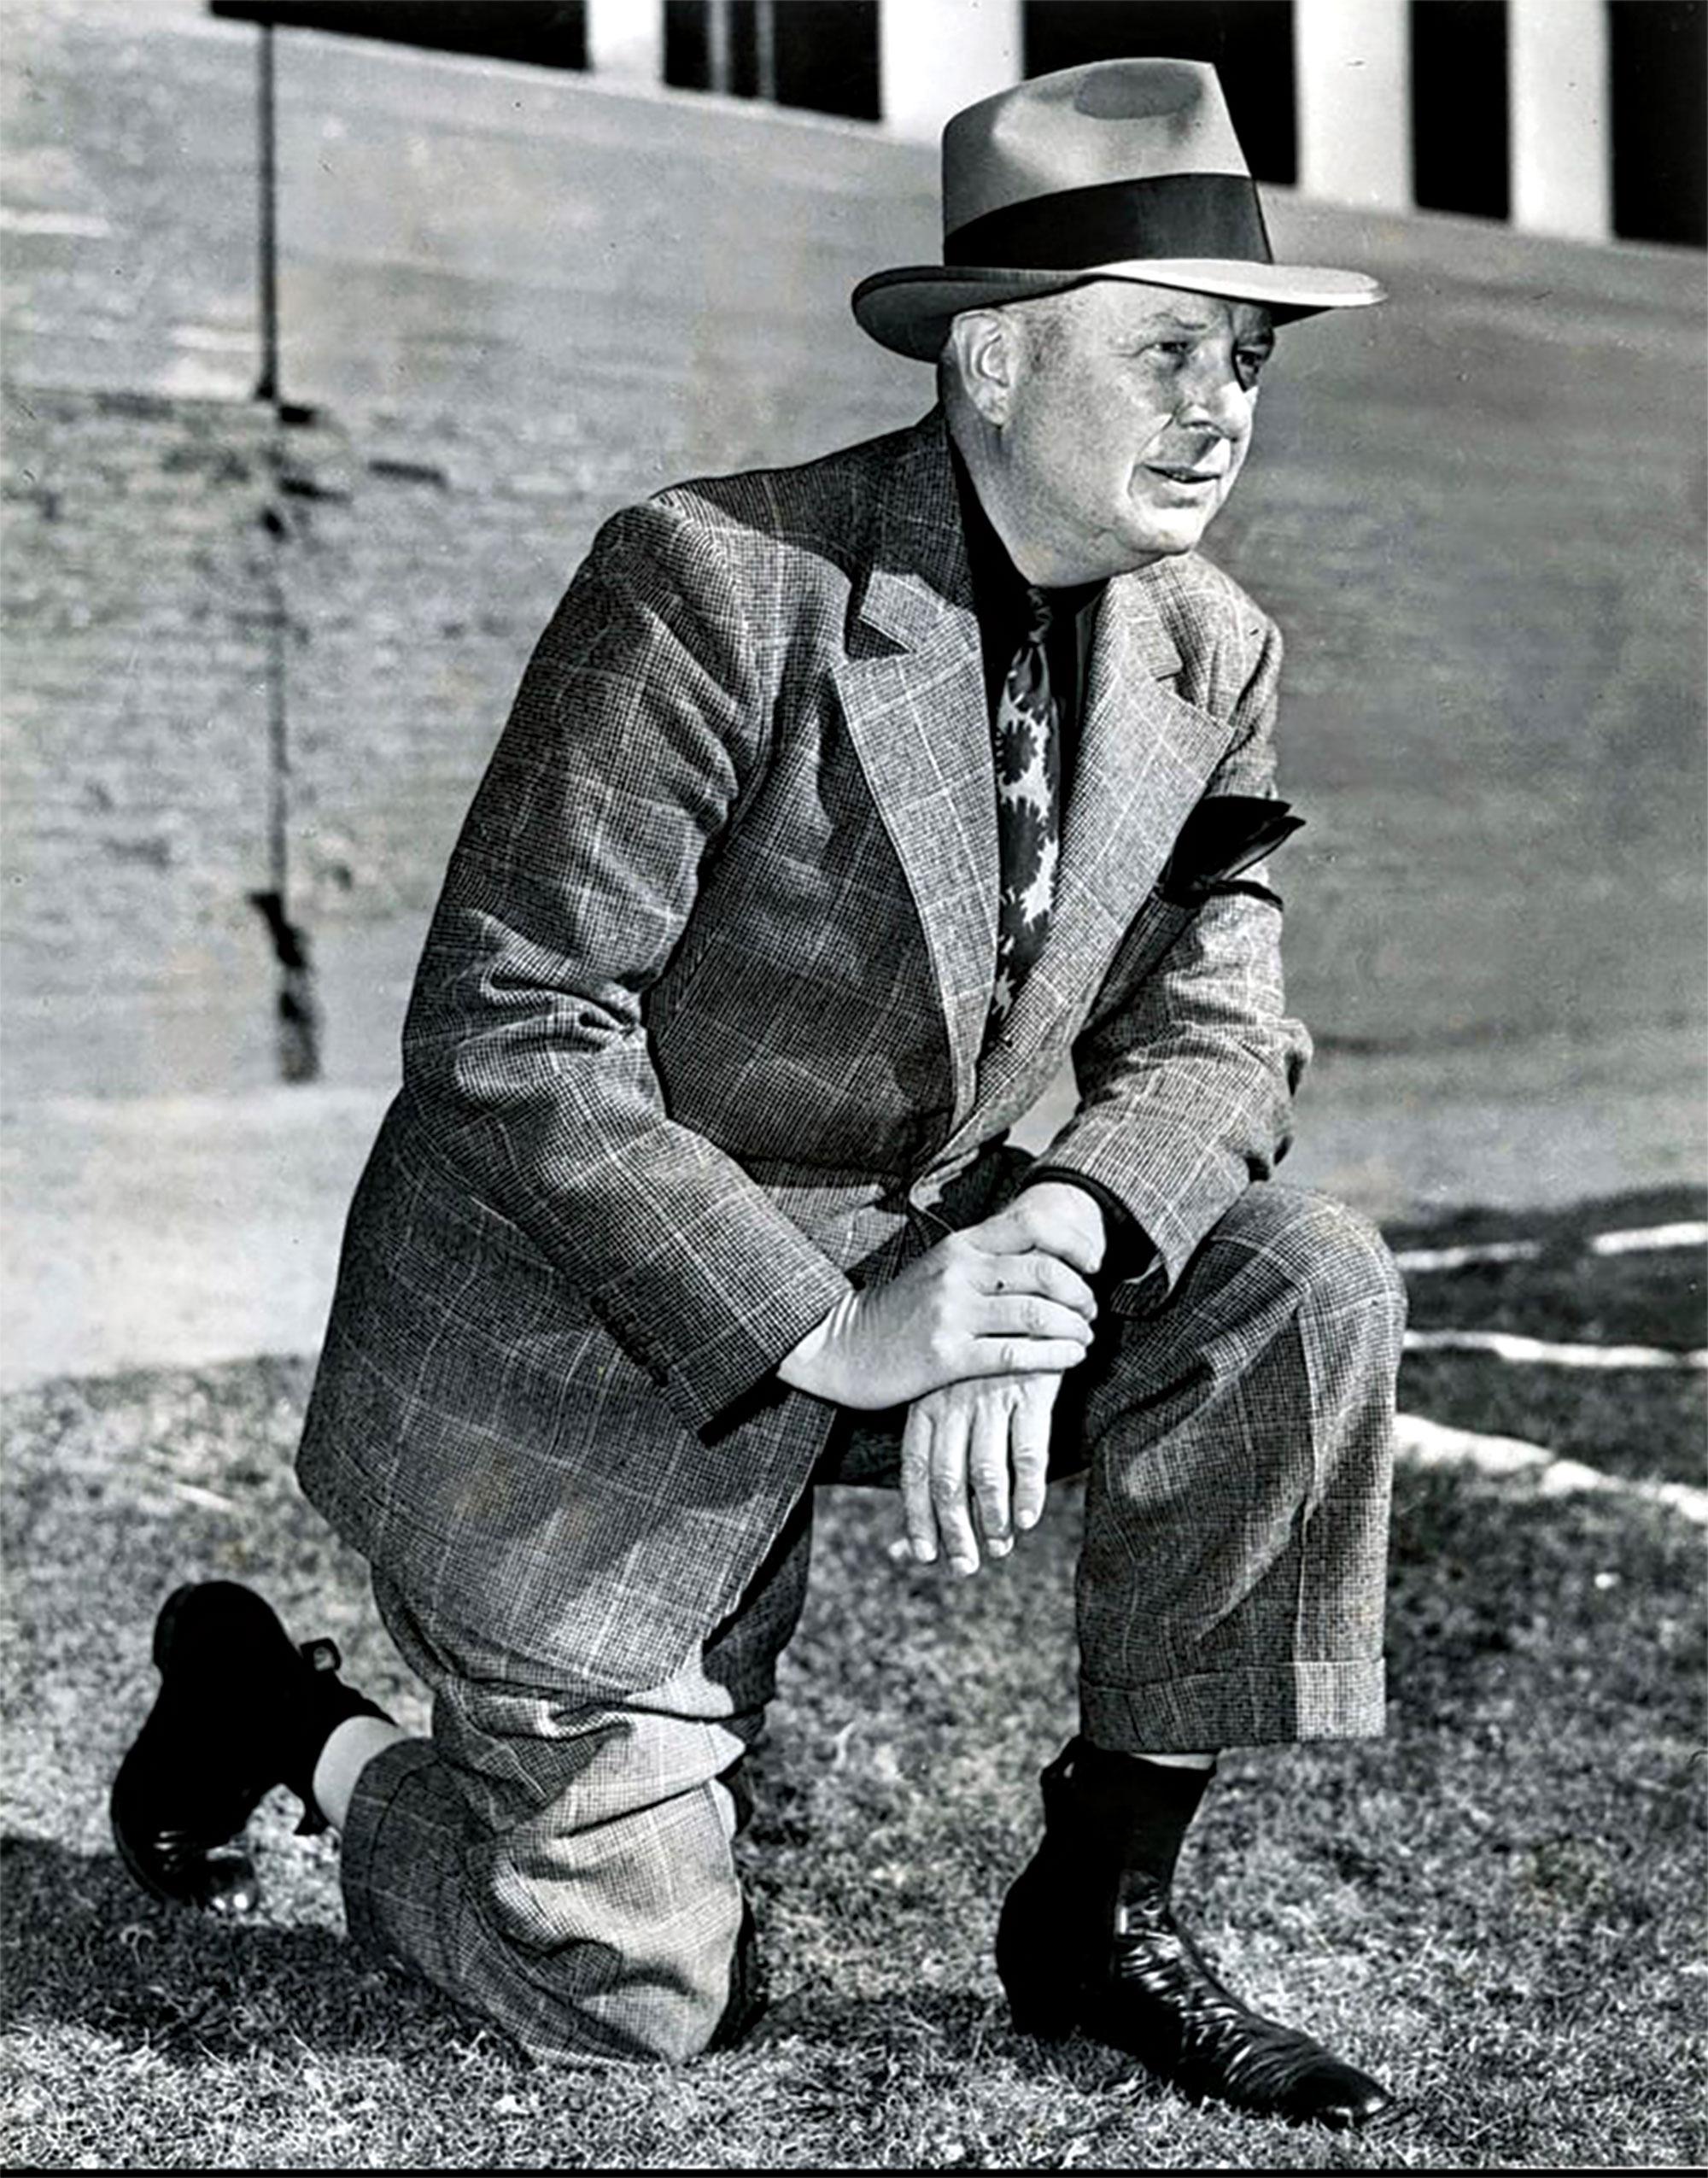 Charles Bidwill circa 1940s; Photo courtesy US Presswire